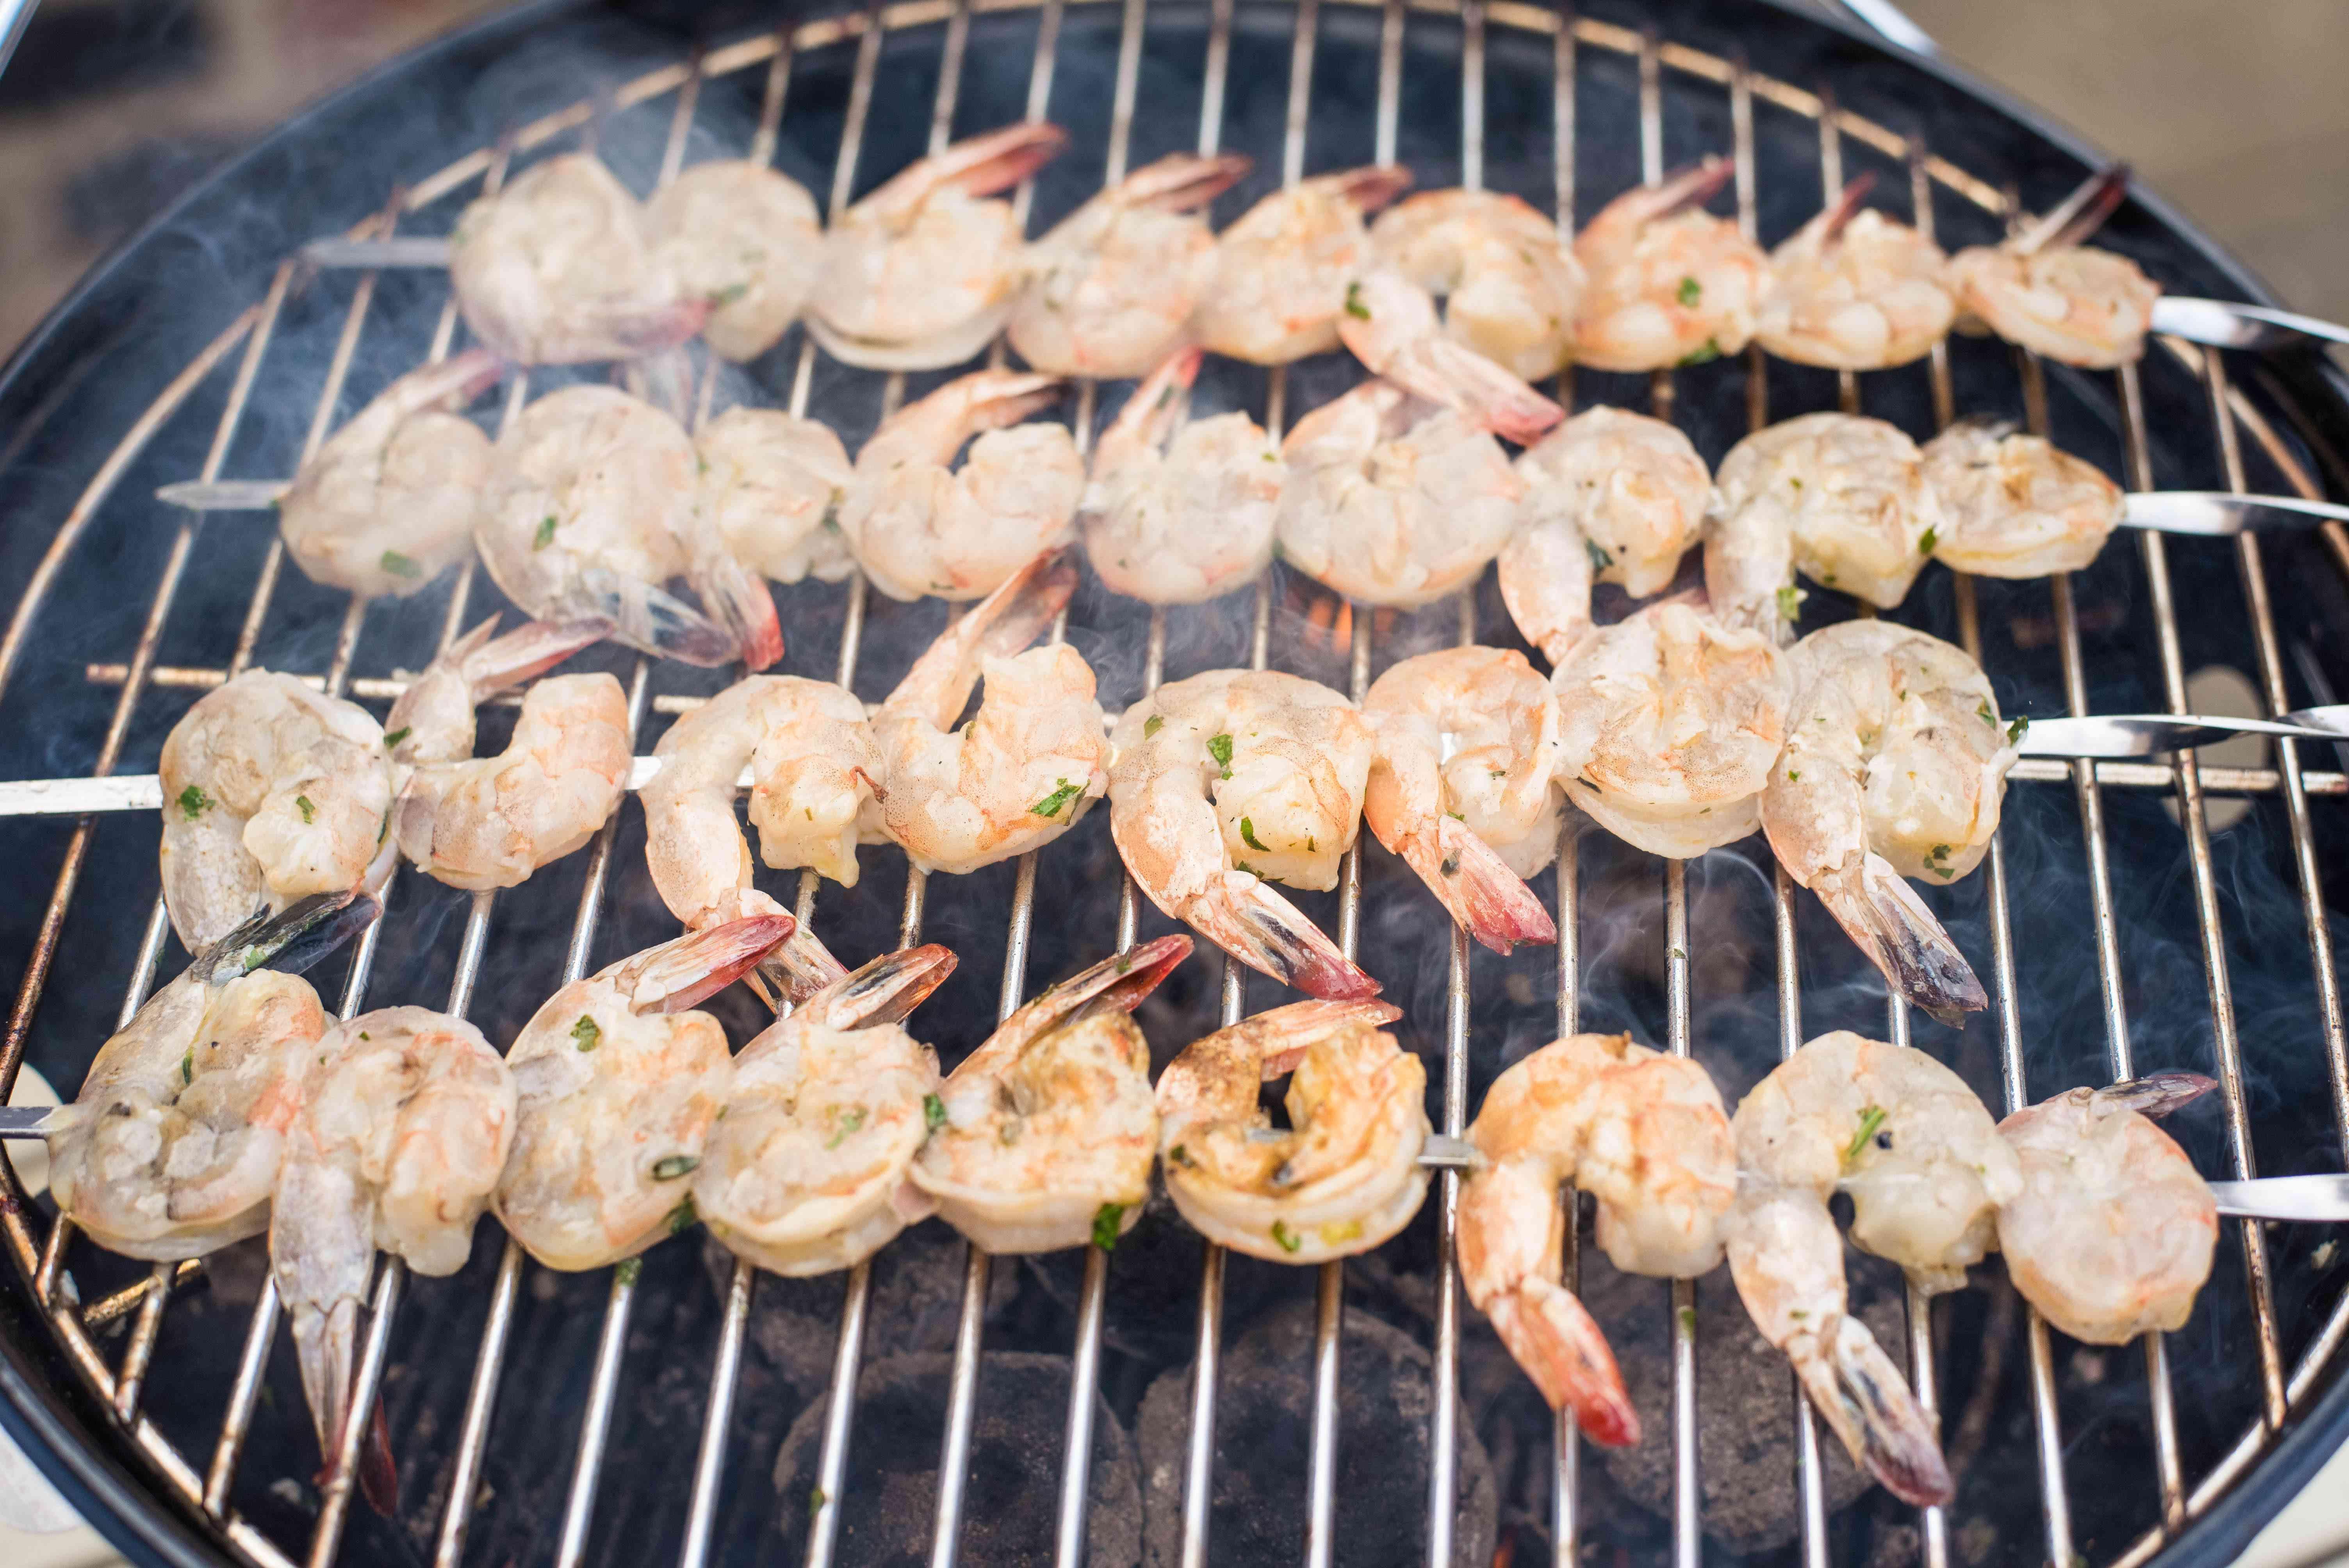 Thread shrimp